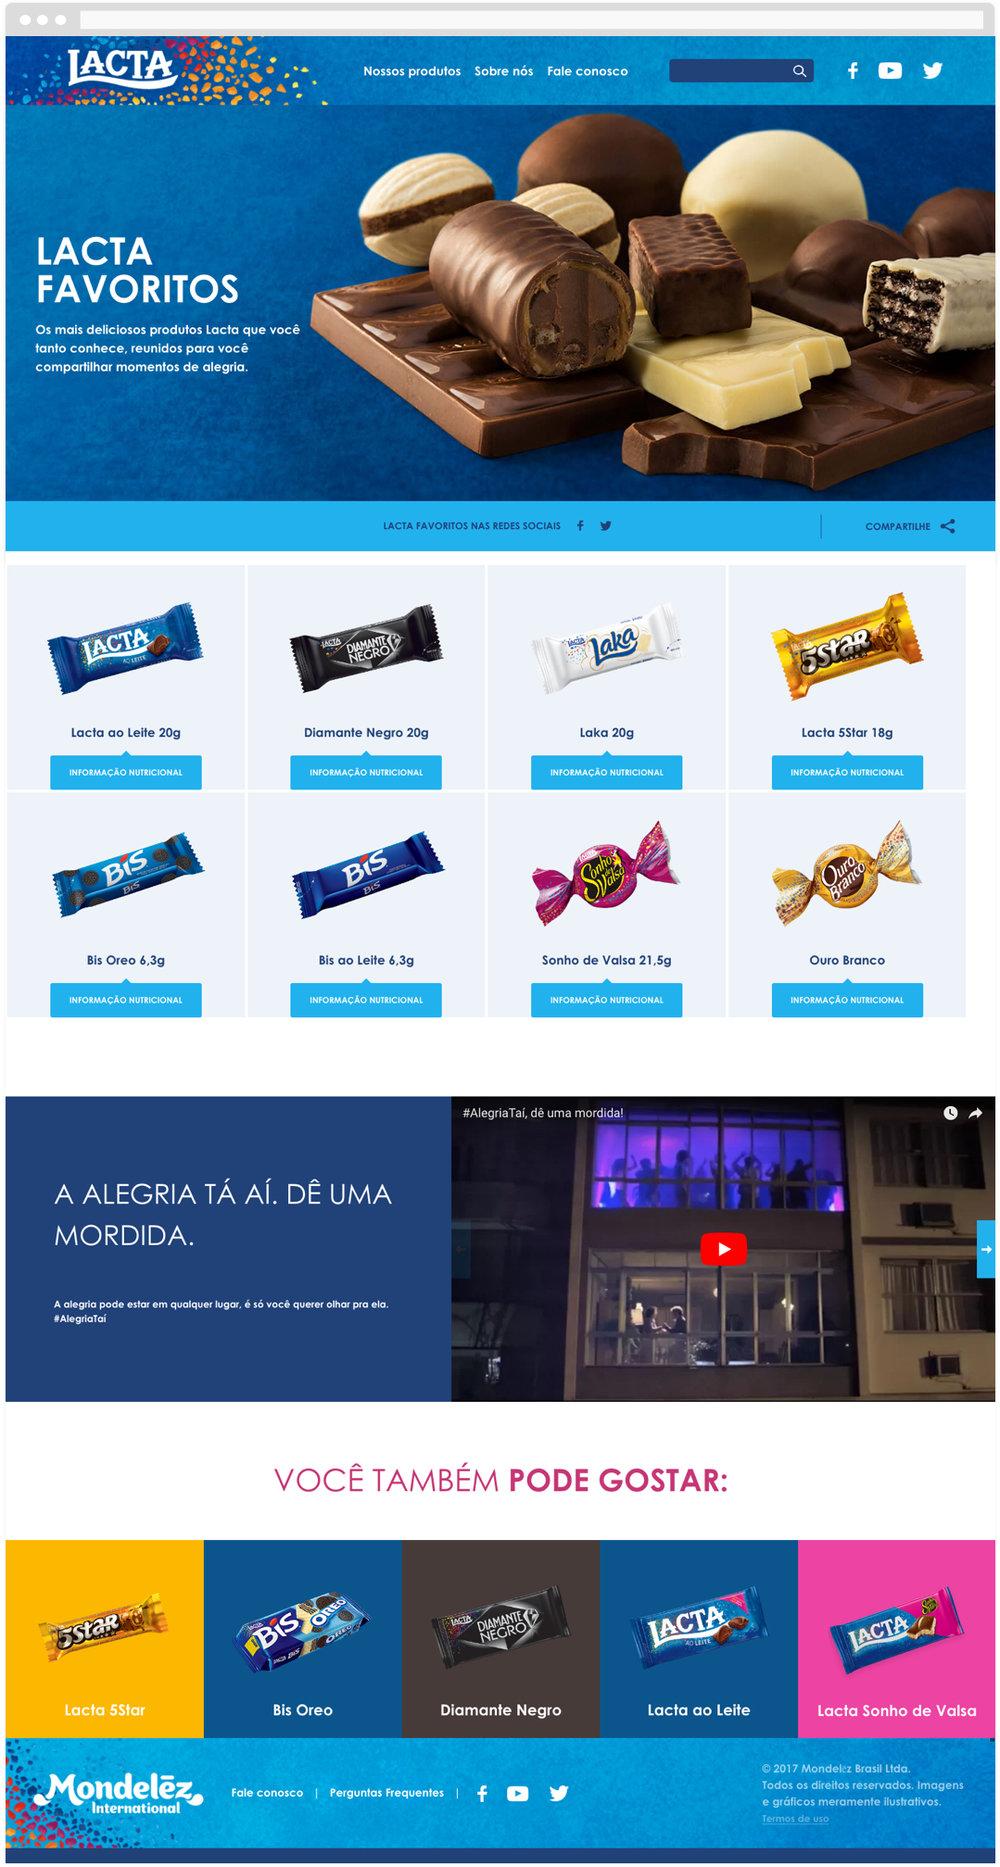 lacta_website.jpg